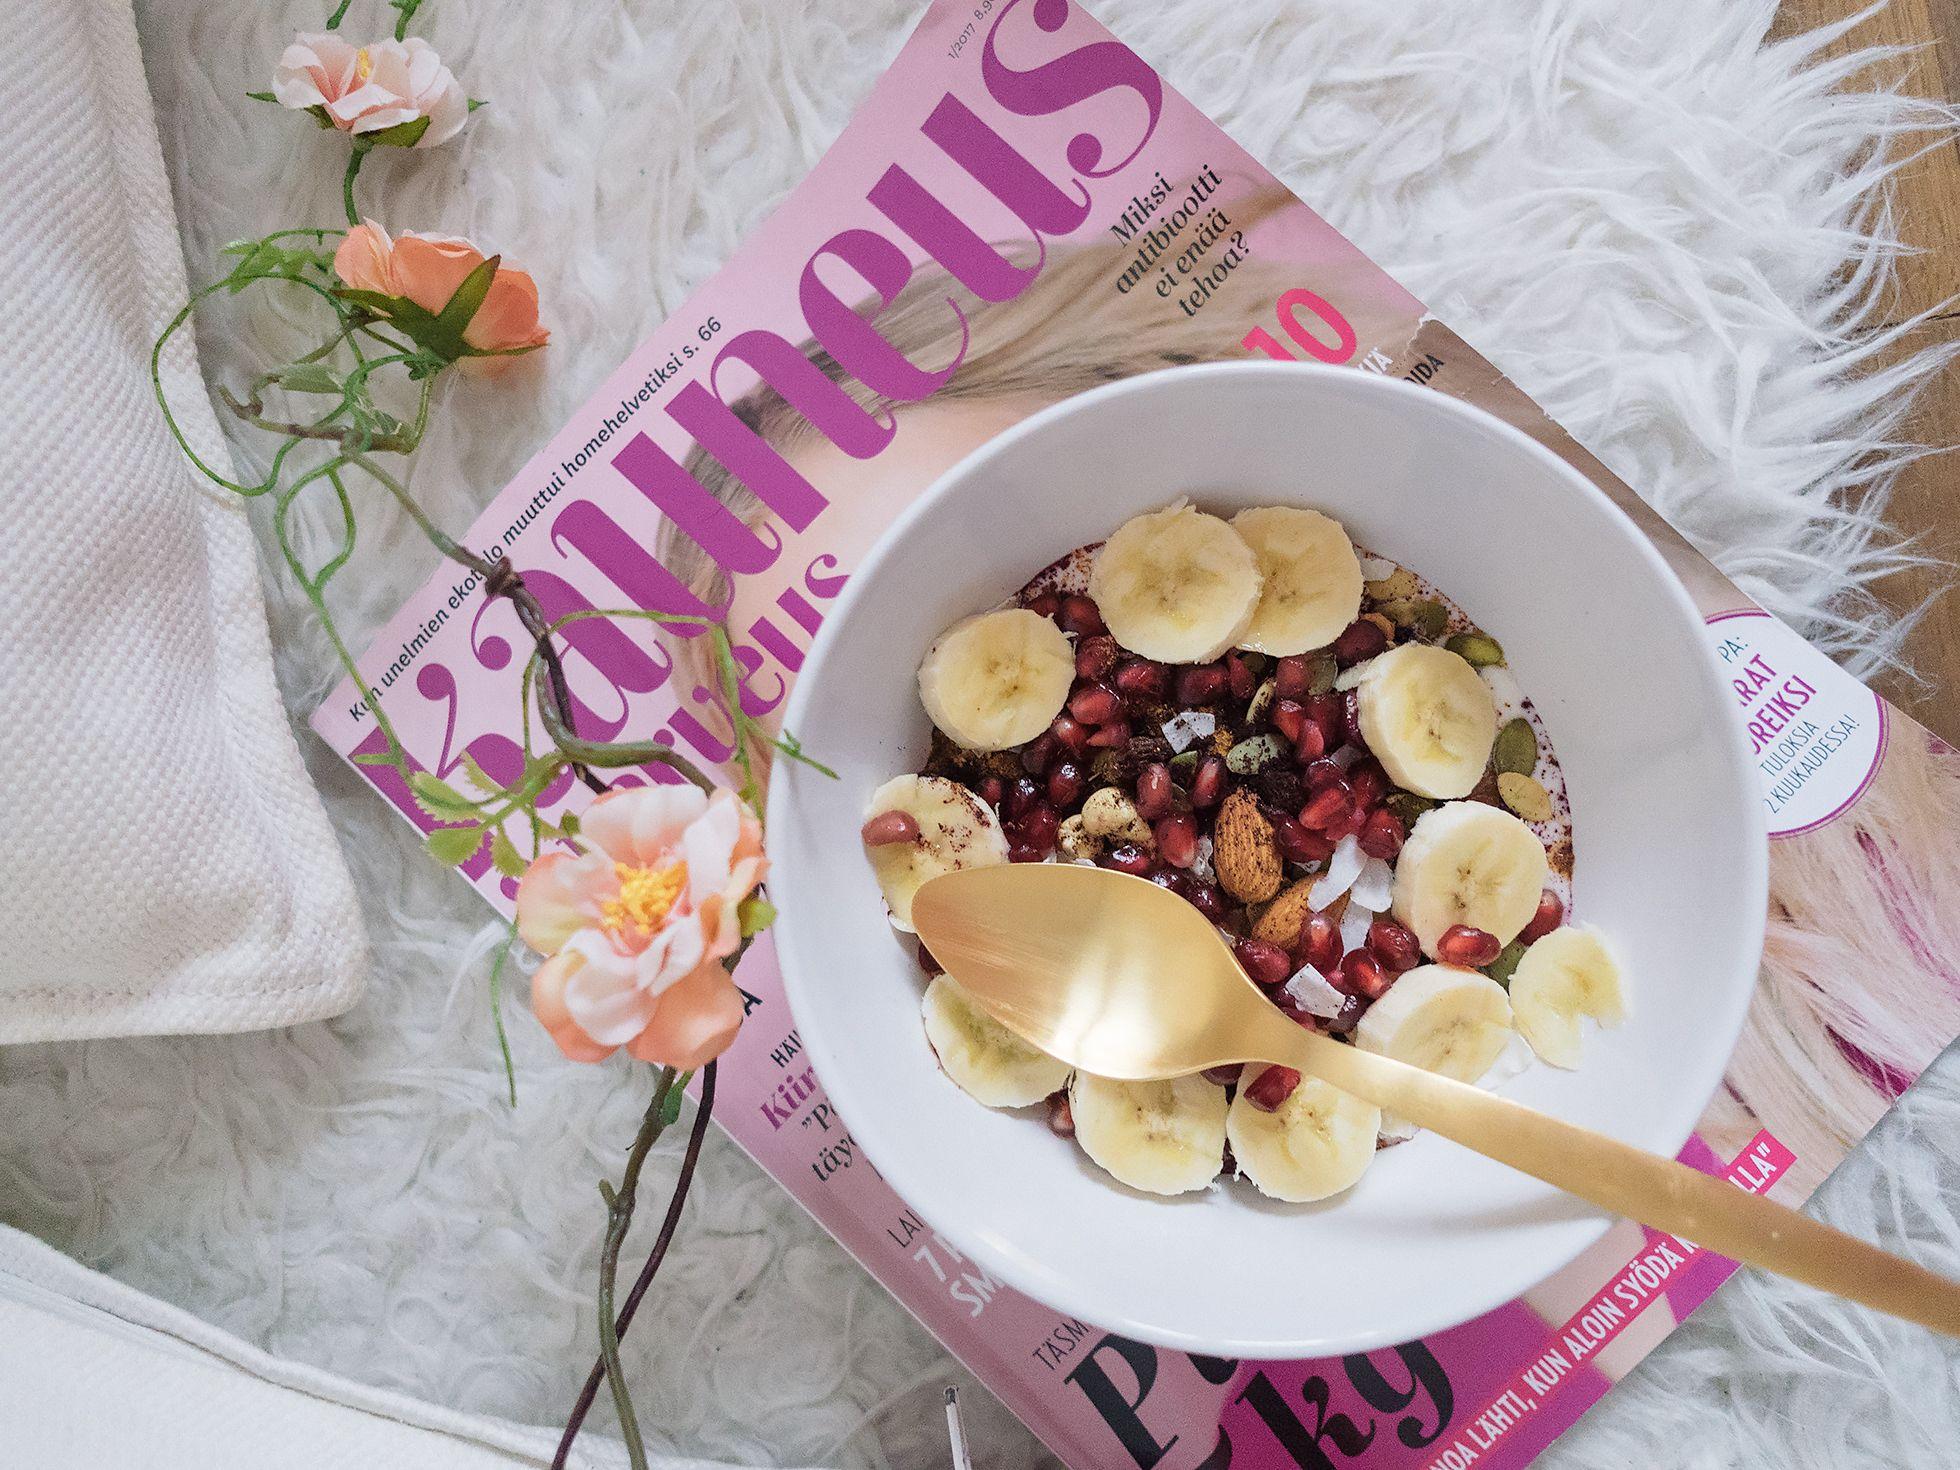 #breakfast #healthy http://www.monasdailystyle.com/2017/01/20/raskausajan-herkullinen-aamupala/ Raskausajan herkullinen aamupala